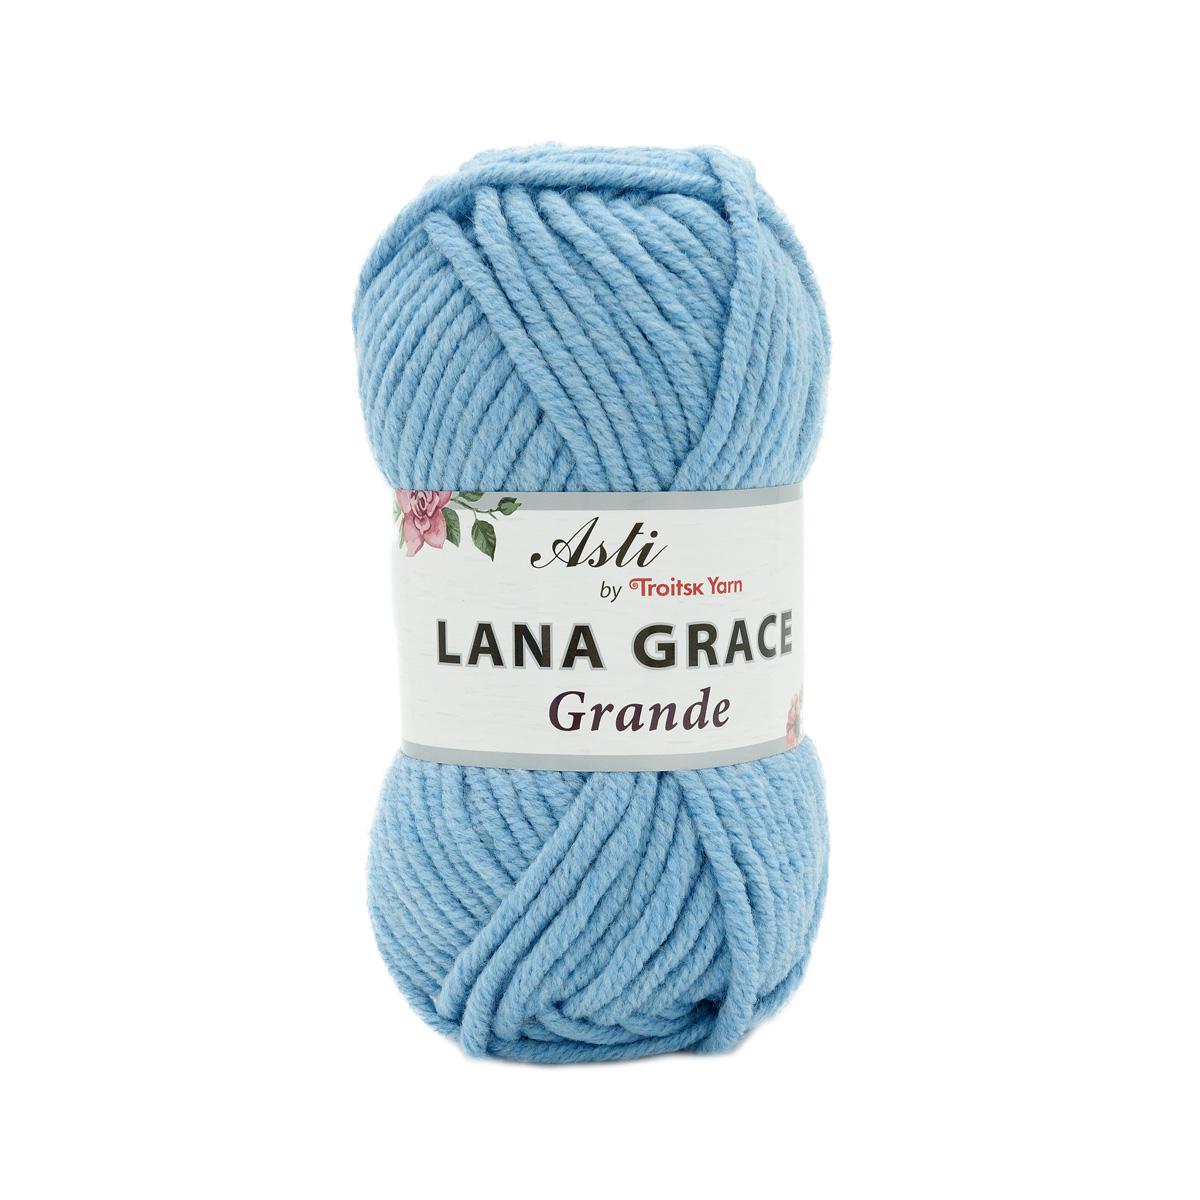 Пряжа из Троицка 'Lana Grace Grande' 100гр. 65м. (25% мериносовая шерсть, 75% акрил супер софт ) (2820 воздушно-голубой)